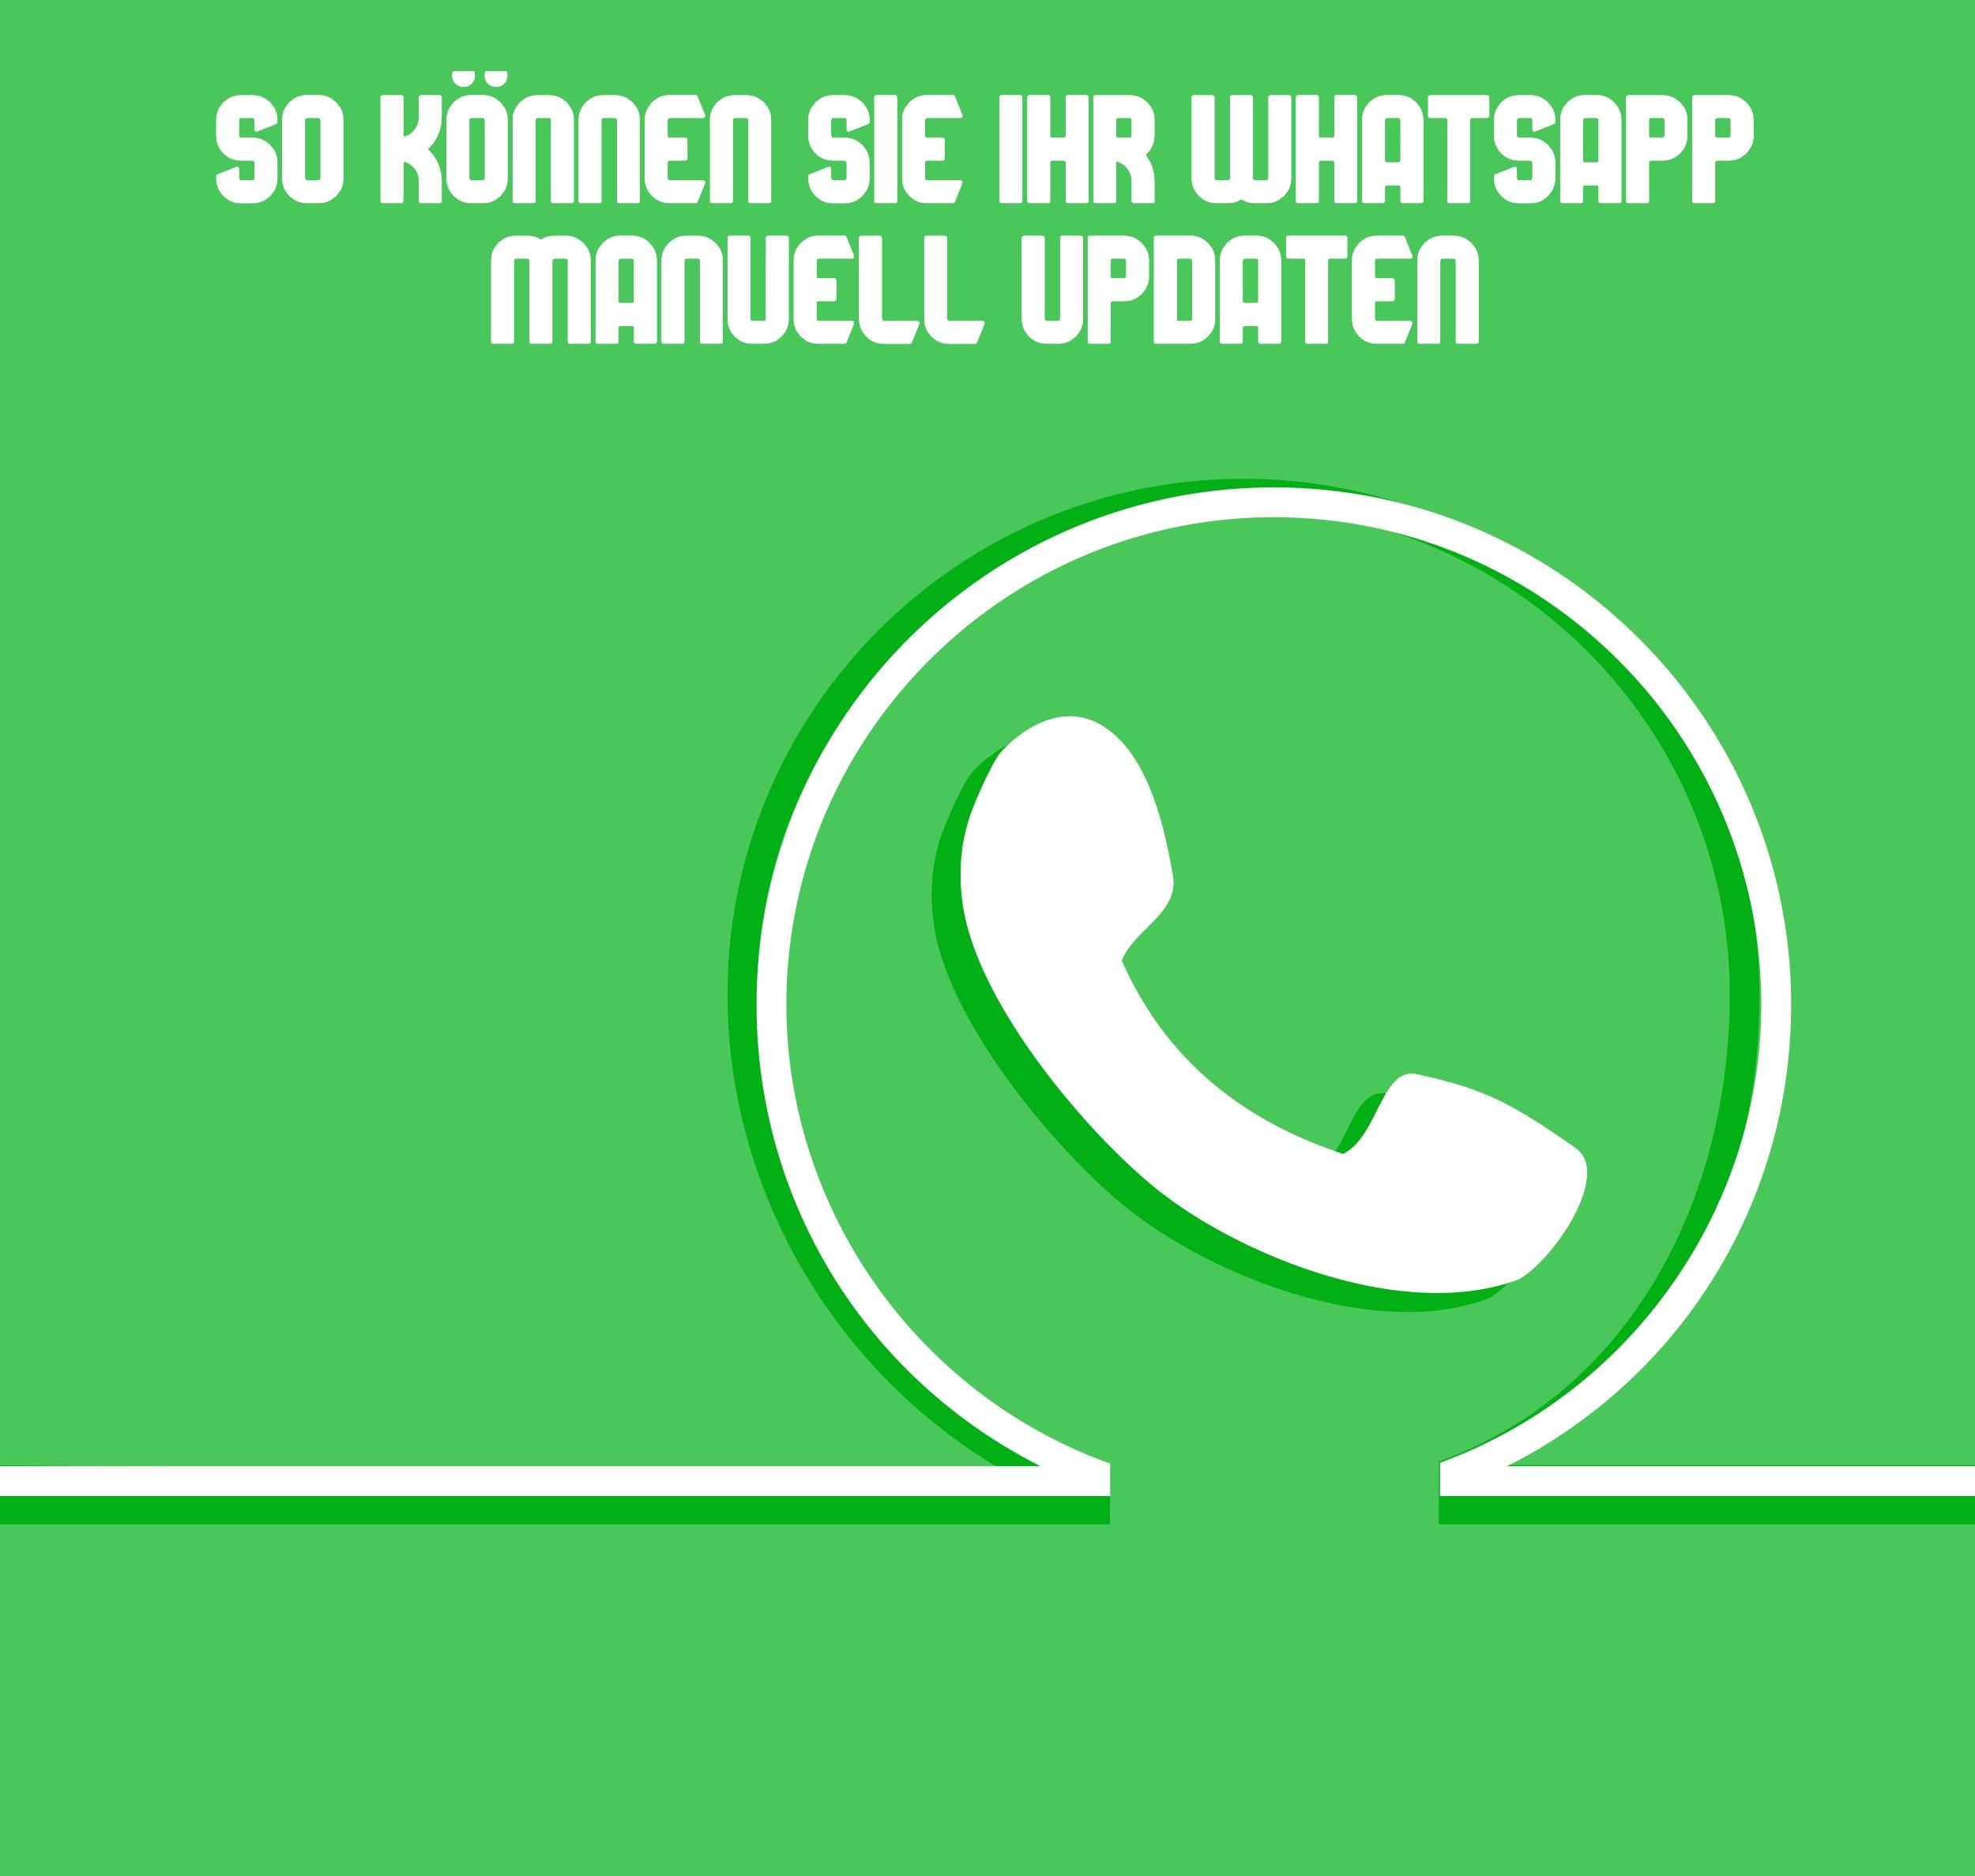 WhatsApp manuell updaten